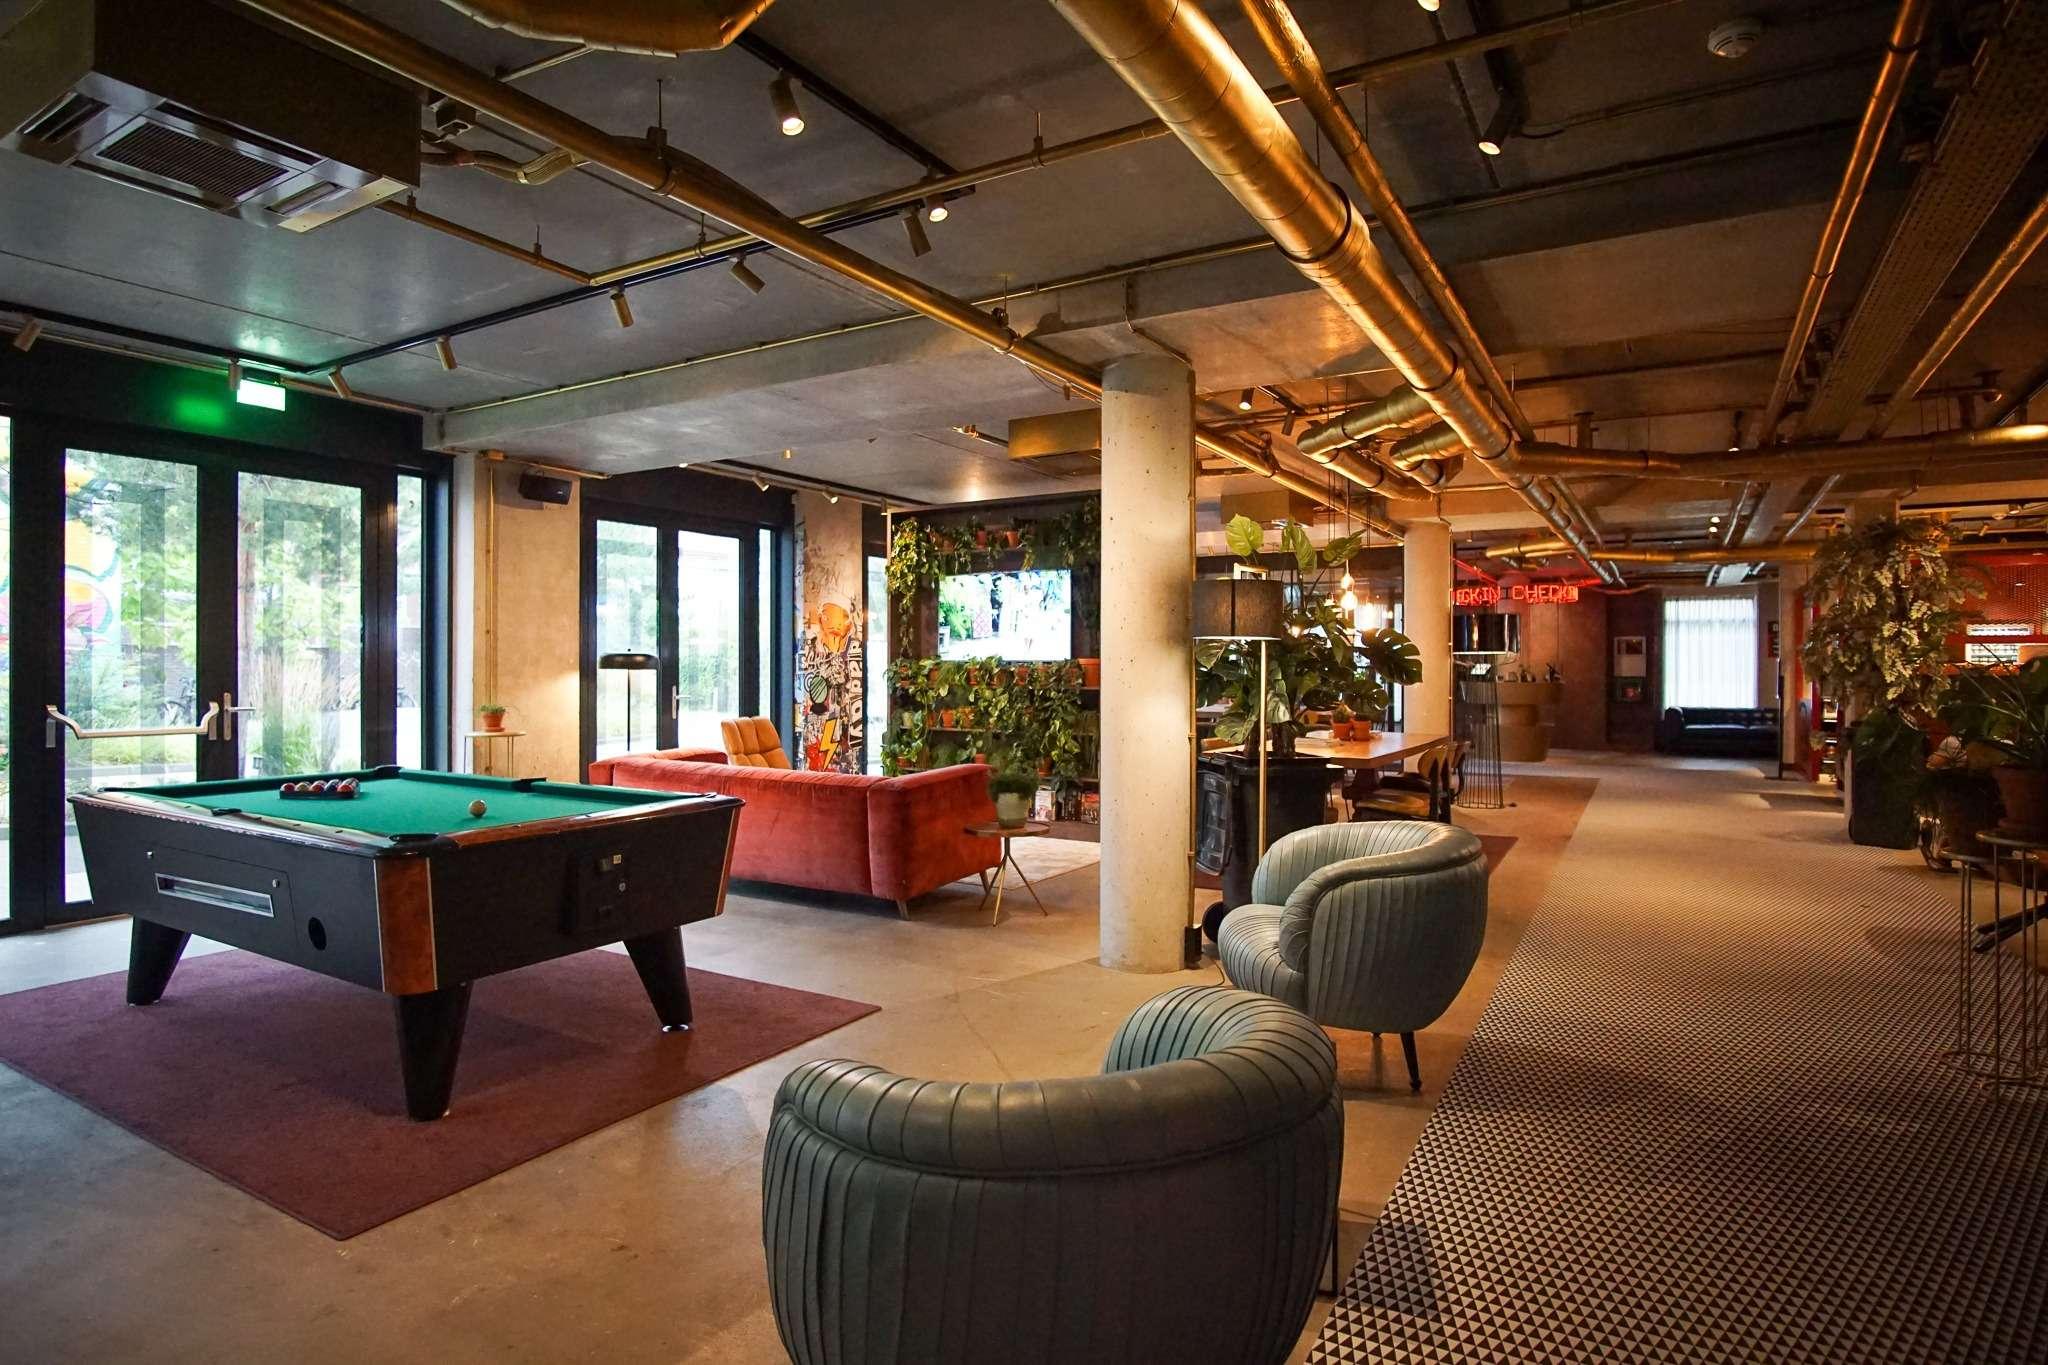 Hotel Match in Eindhoven, Netherlands